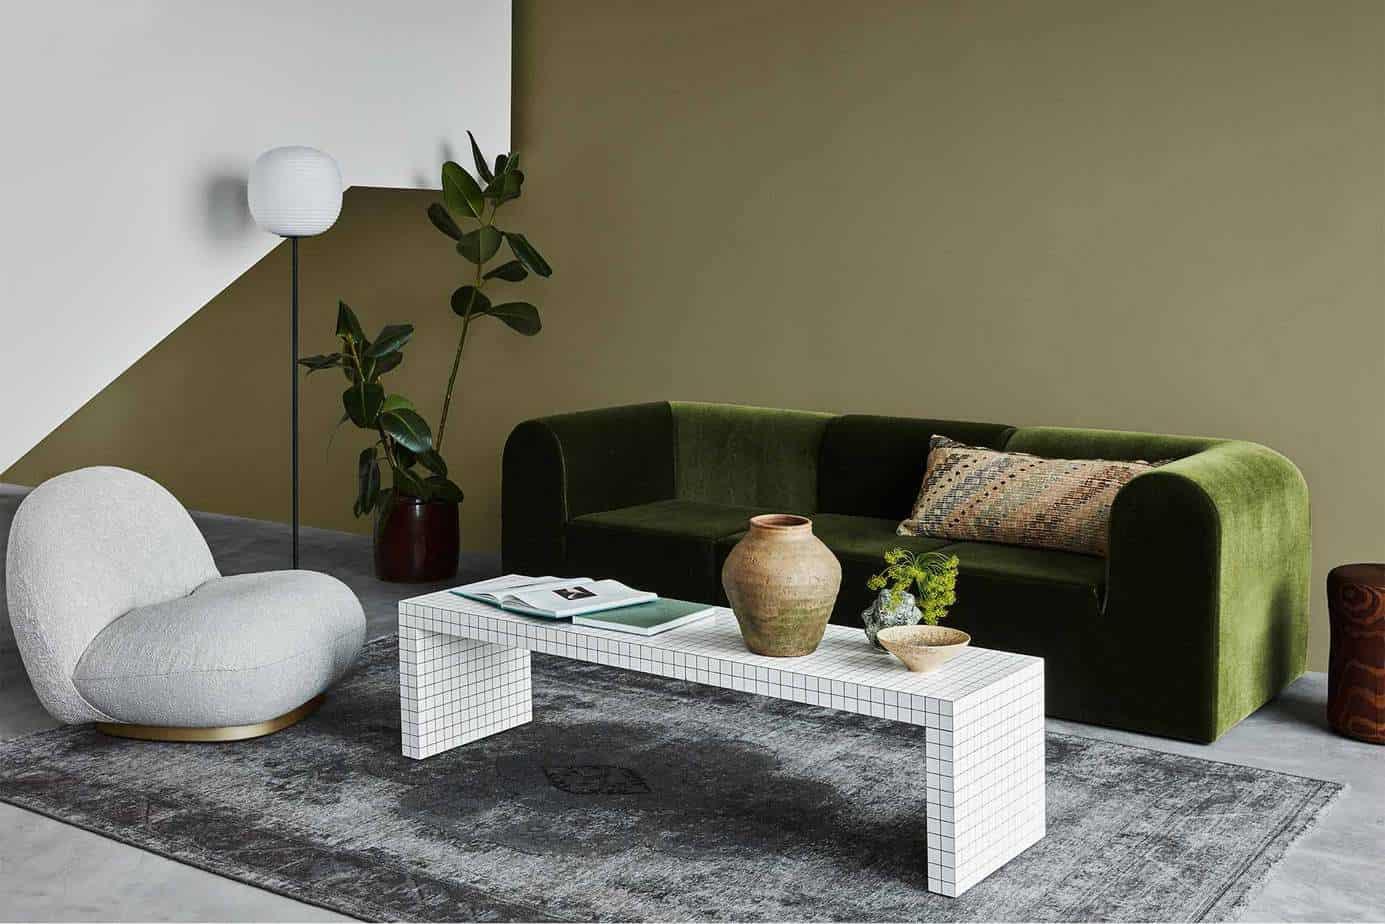 modern interior color trends 2021 light olive green living room